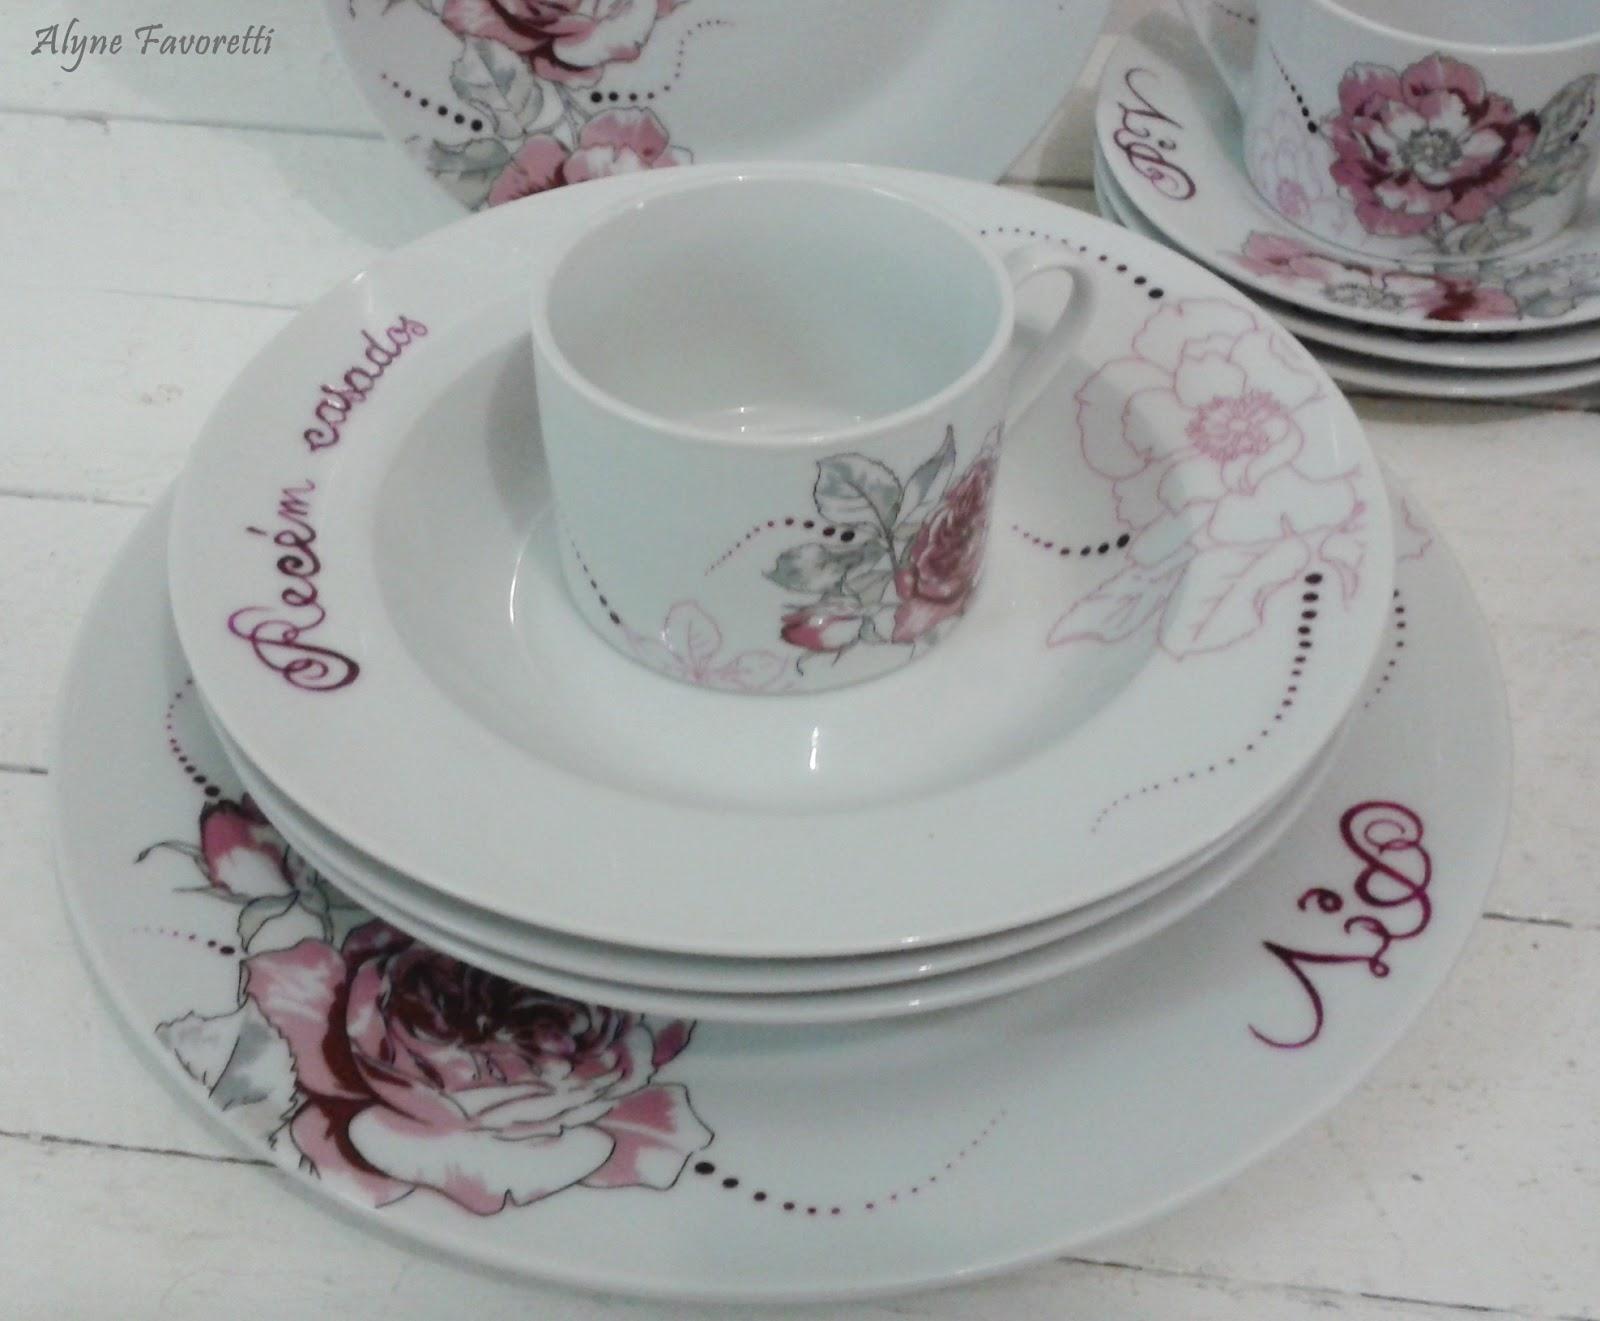 Favoretti: Aparelho de jantar com rosas personalizado para noivos #60434B 1600x1321